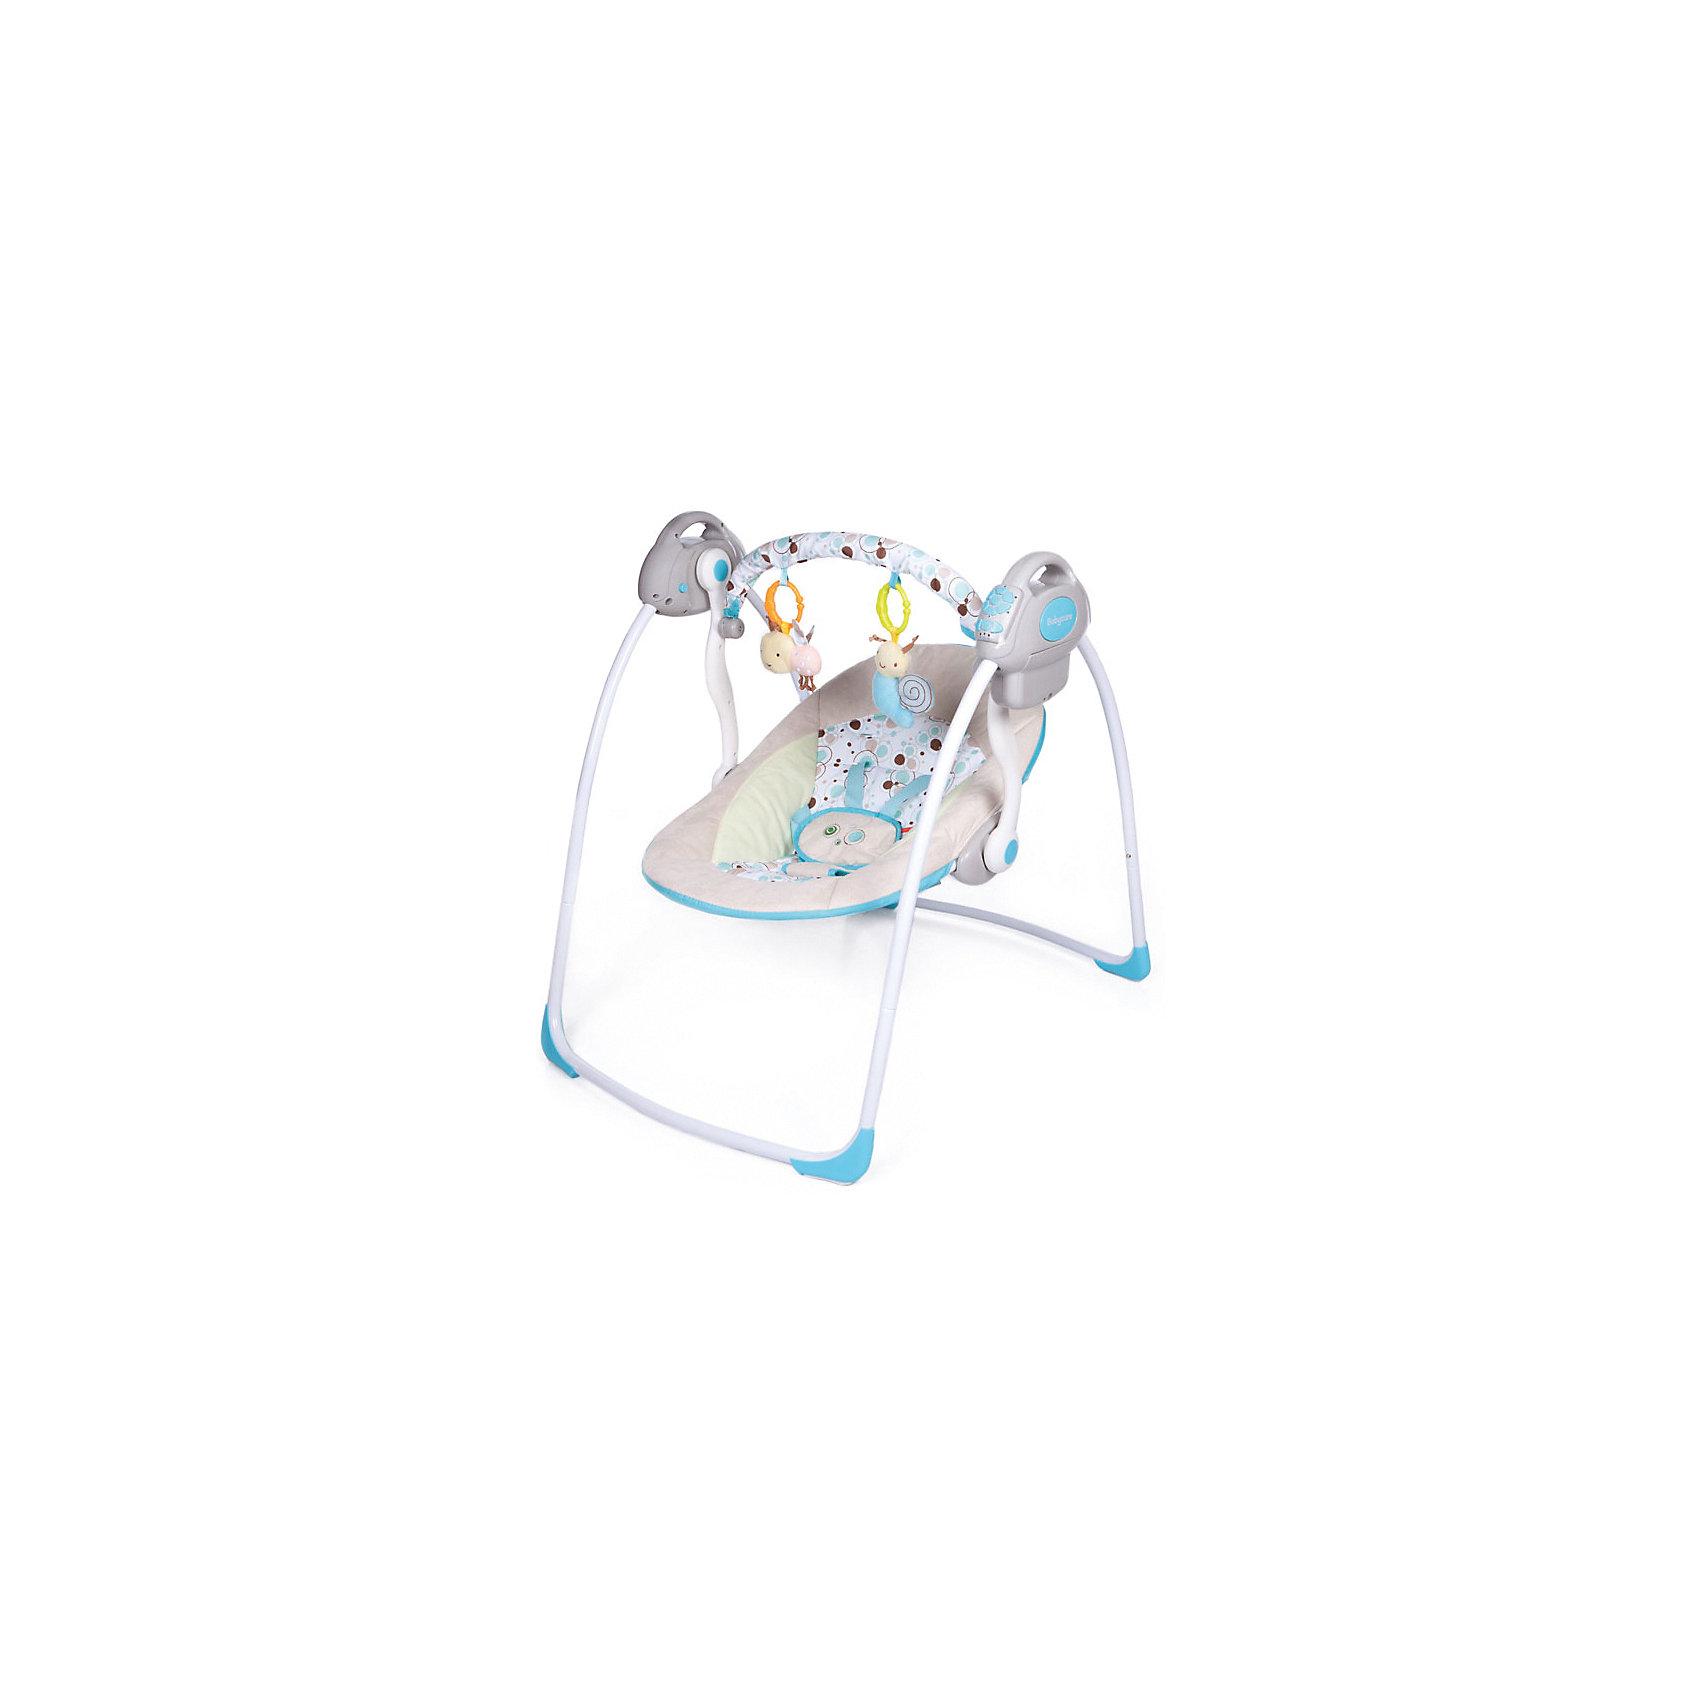 Электрокачели Riva с адаптером, Baby Care, шампаньКачели электронные<br>Характеристики товара:<br><br>• возраст с рождения до 6 месяцев;<br>• материал: металл, пластик, текстиль<br>• наклон спинки в 2 положениях;<br>• 6 скоростей укачивания;<br>• 10 мелодий и 3 уровня громкости;<br>• дуга с игрушками<br>• 5-ти точечные ремни безопасности;<br>• обивку сидения можно стирать в холодной воде<br>• съемный чехол сидения<br>• качели легко и компактно складываются<br><br>Электрокачели Baby Care Riva помогут молодой маме укачать и убаюкать кроху. Перед сном малыша успокоят приятные колыбельные. Дуга с подвесными игрушками развлечет малыша. Он может рассматривать их, трогать или играть с ними. Качели легко и компактно складываются для хранения дома. <br><br>Размер в разложенном виде 82х63х72 см<br>Размер в сложенном виде 79х63х24 см<br>Расстояние от пола до сидения 25 см<br>Размеры сидения 66х41 см<br>Вес электрокачелей 4,5 кг<br>Размер упаковки 60х38х13 см<br><br>Комплектация:<br><br>• качели;<br>• дуга с игрушками;<br>• сетевой адаптер.<br><br>Электрокачели Baby Care Riva с адаптером можно приобрести в нашем интернет-магазине.<br><br>Ширина мм: 600<br>Глубина мм: 380<br>Высота мм: 130<br>Вес г: 4500<br>Возраст от месяцев: 3<br>Возраст до месяцев: 6<br>Пол: Унисекс<br>Возраст: Детский<br>SKU: 5493368